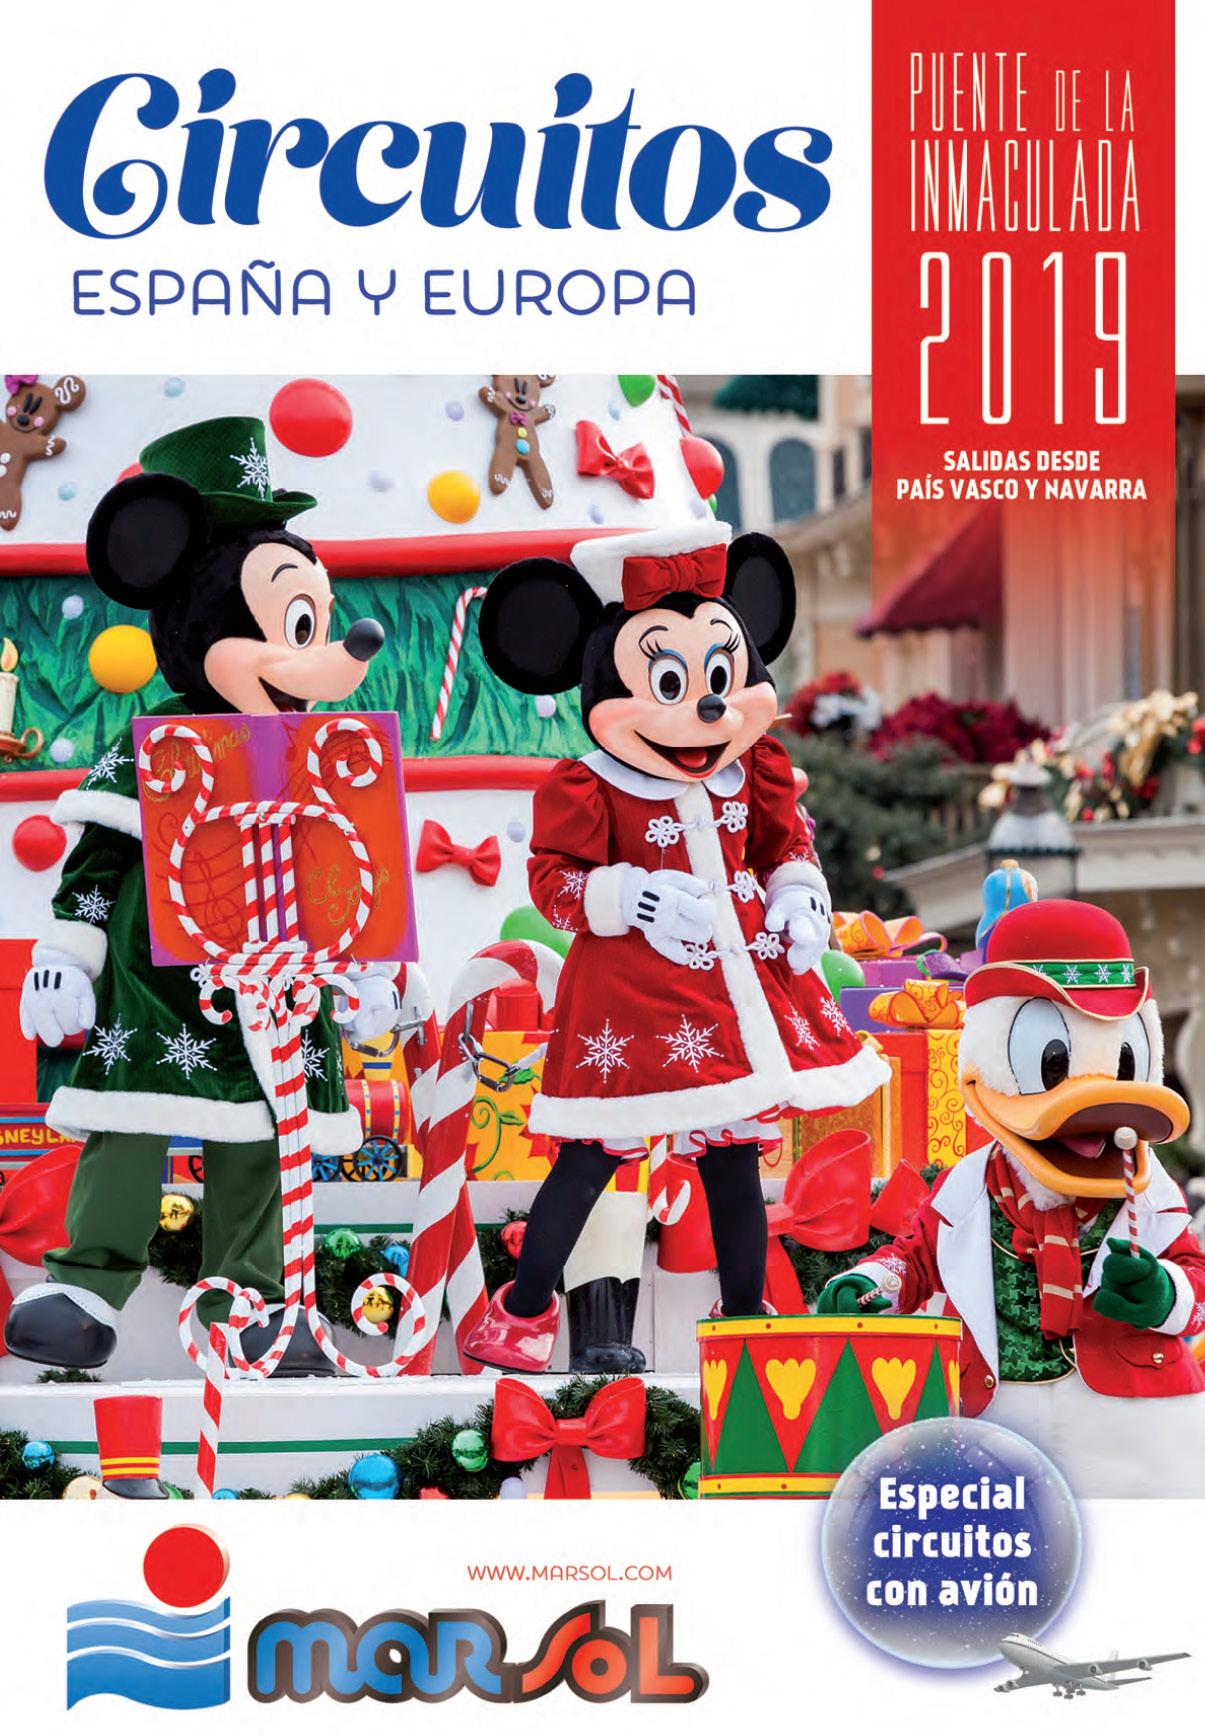 Catalogo Marsol Puente de la Inmaculada 2019 salidas Pais Vasco y Navarra